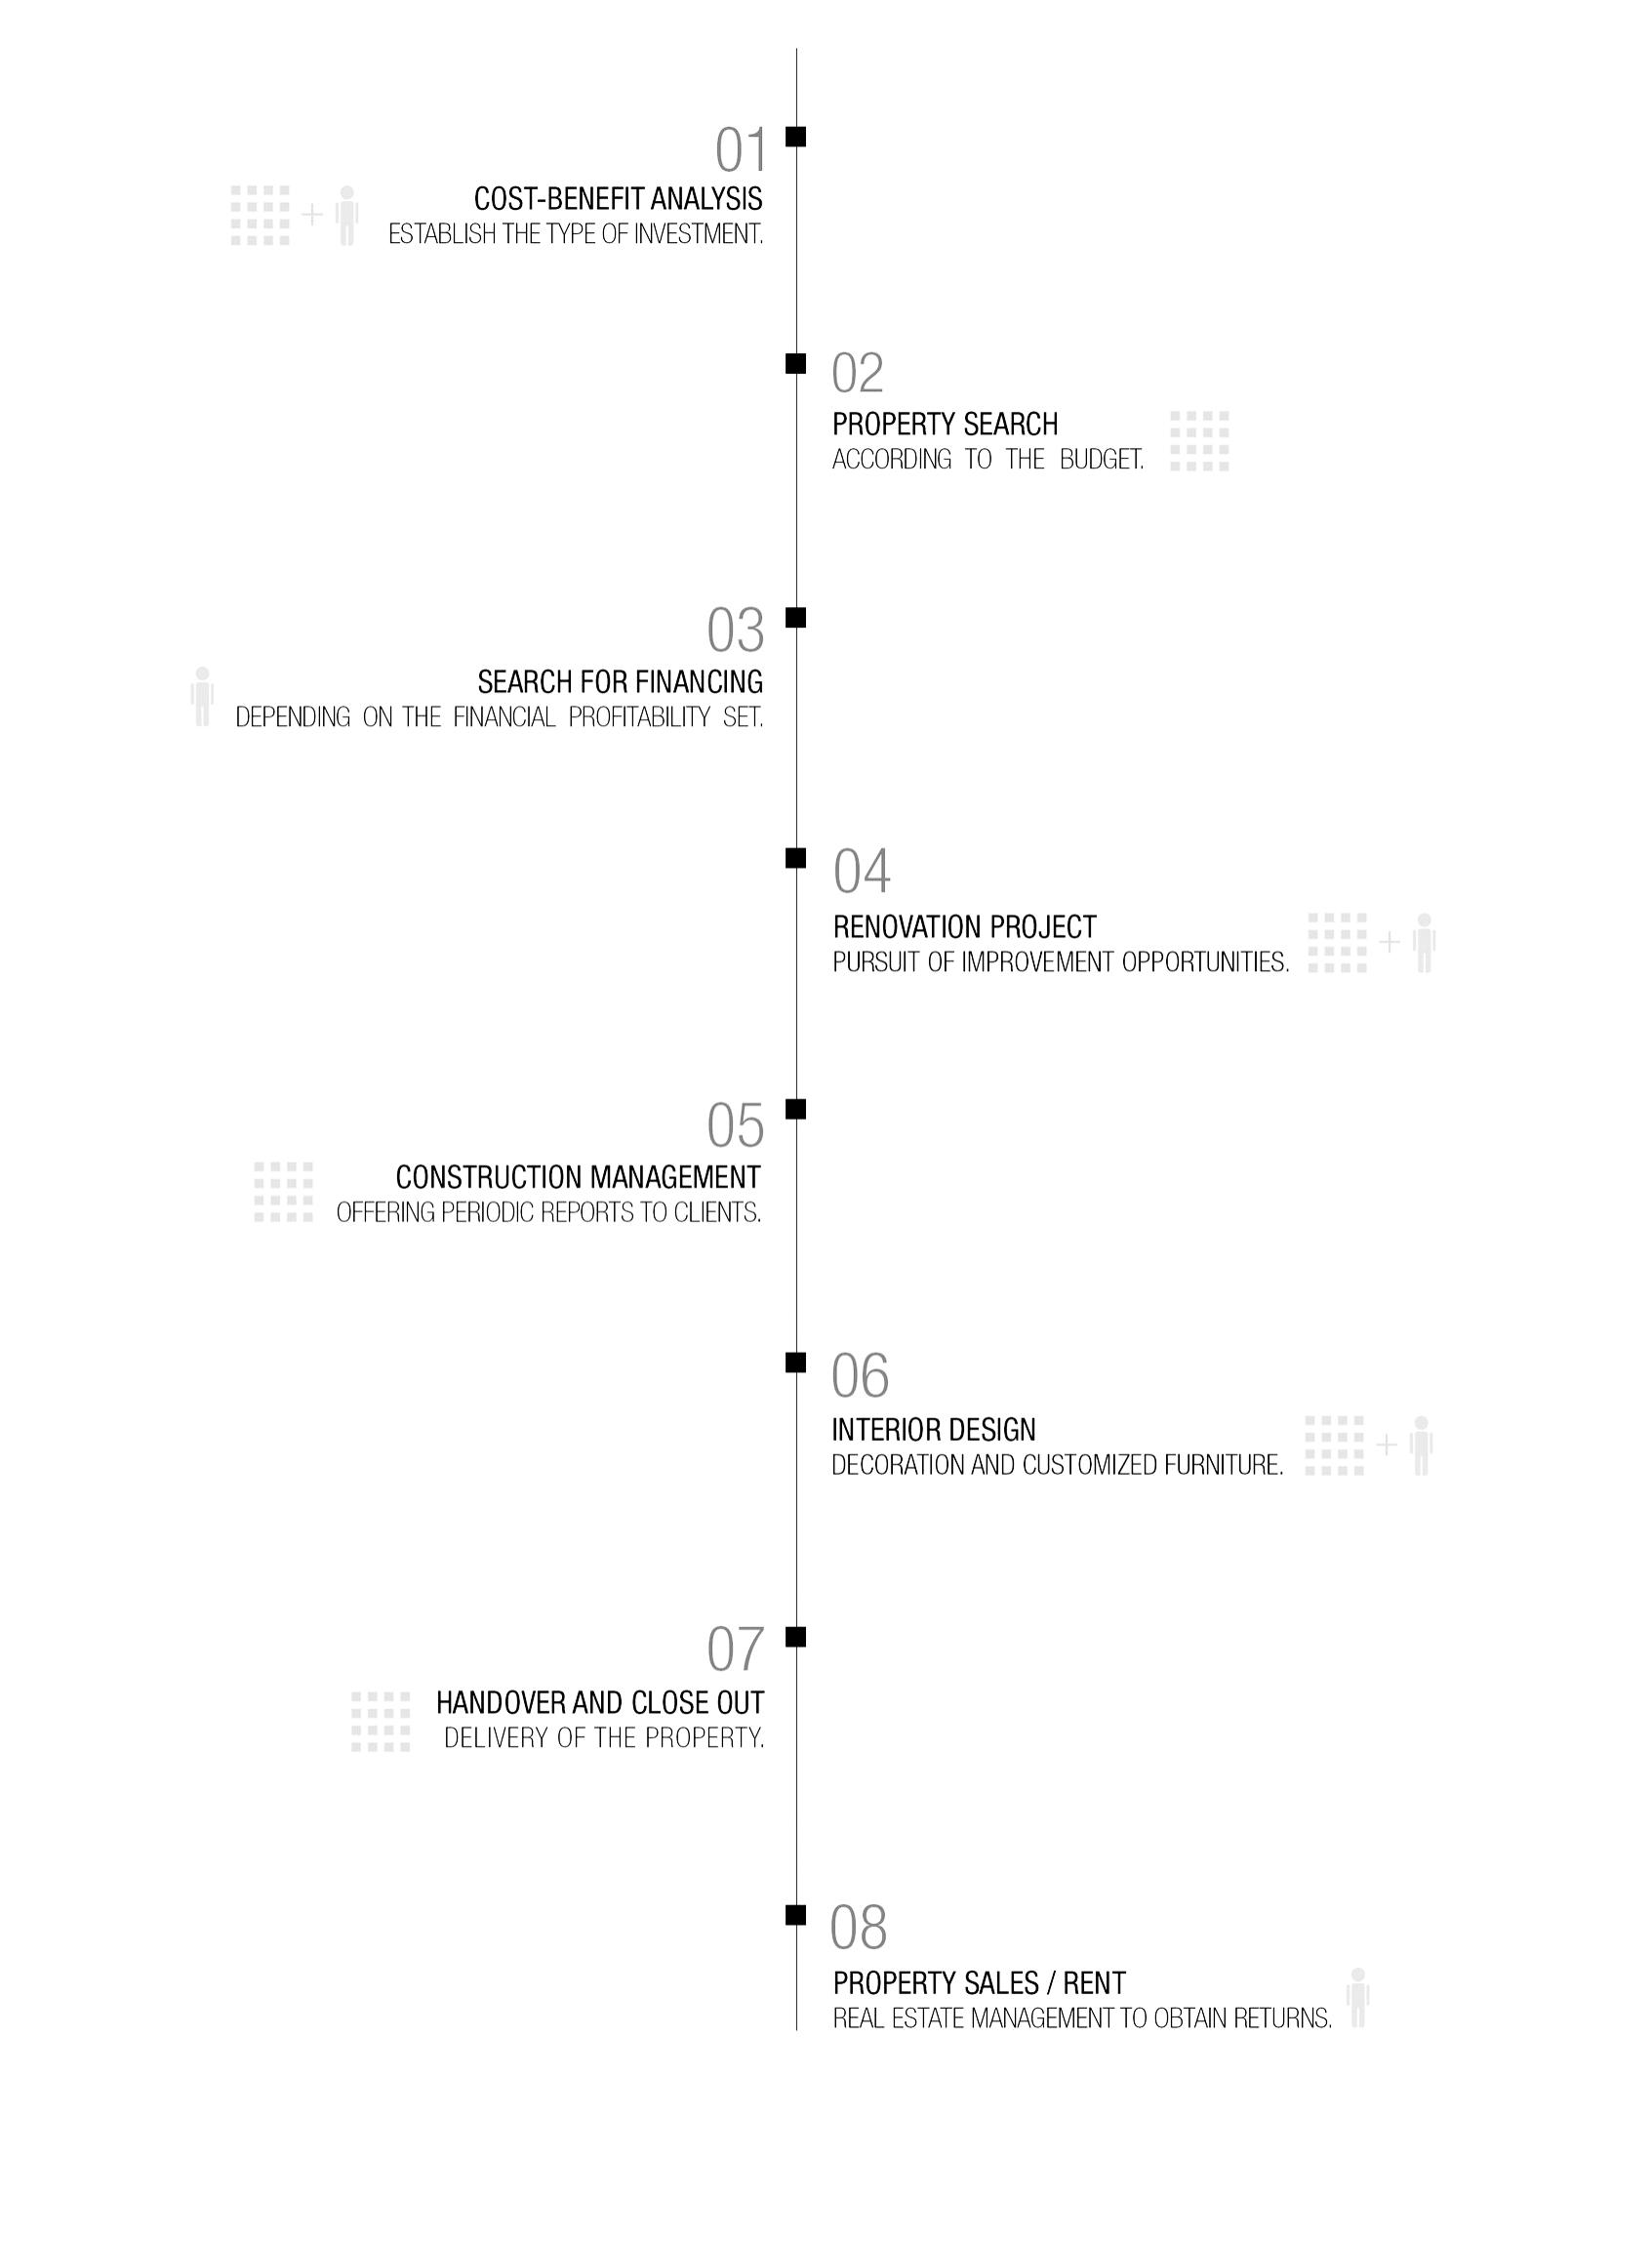 Timeline for investors